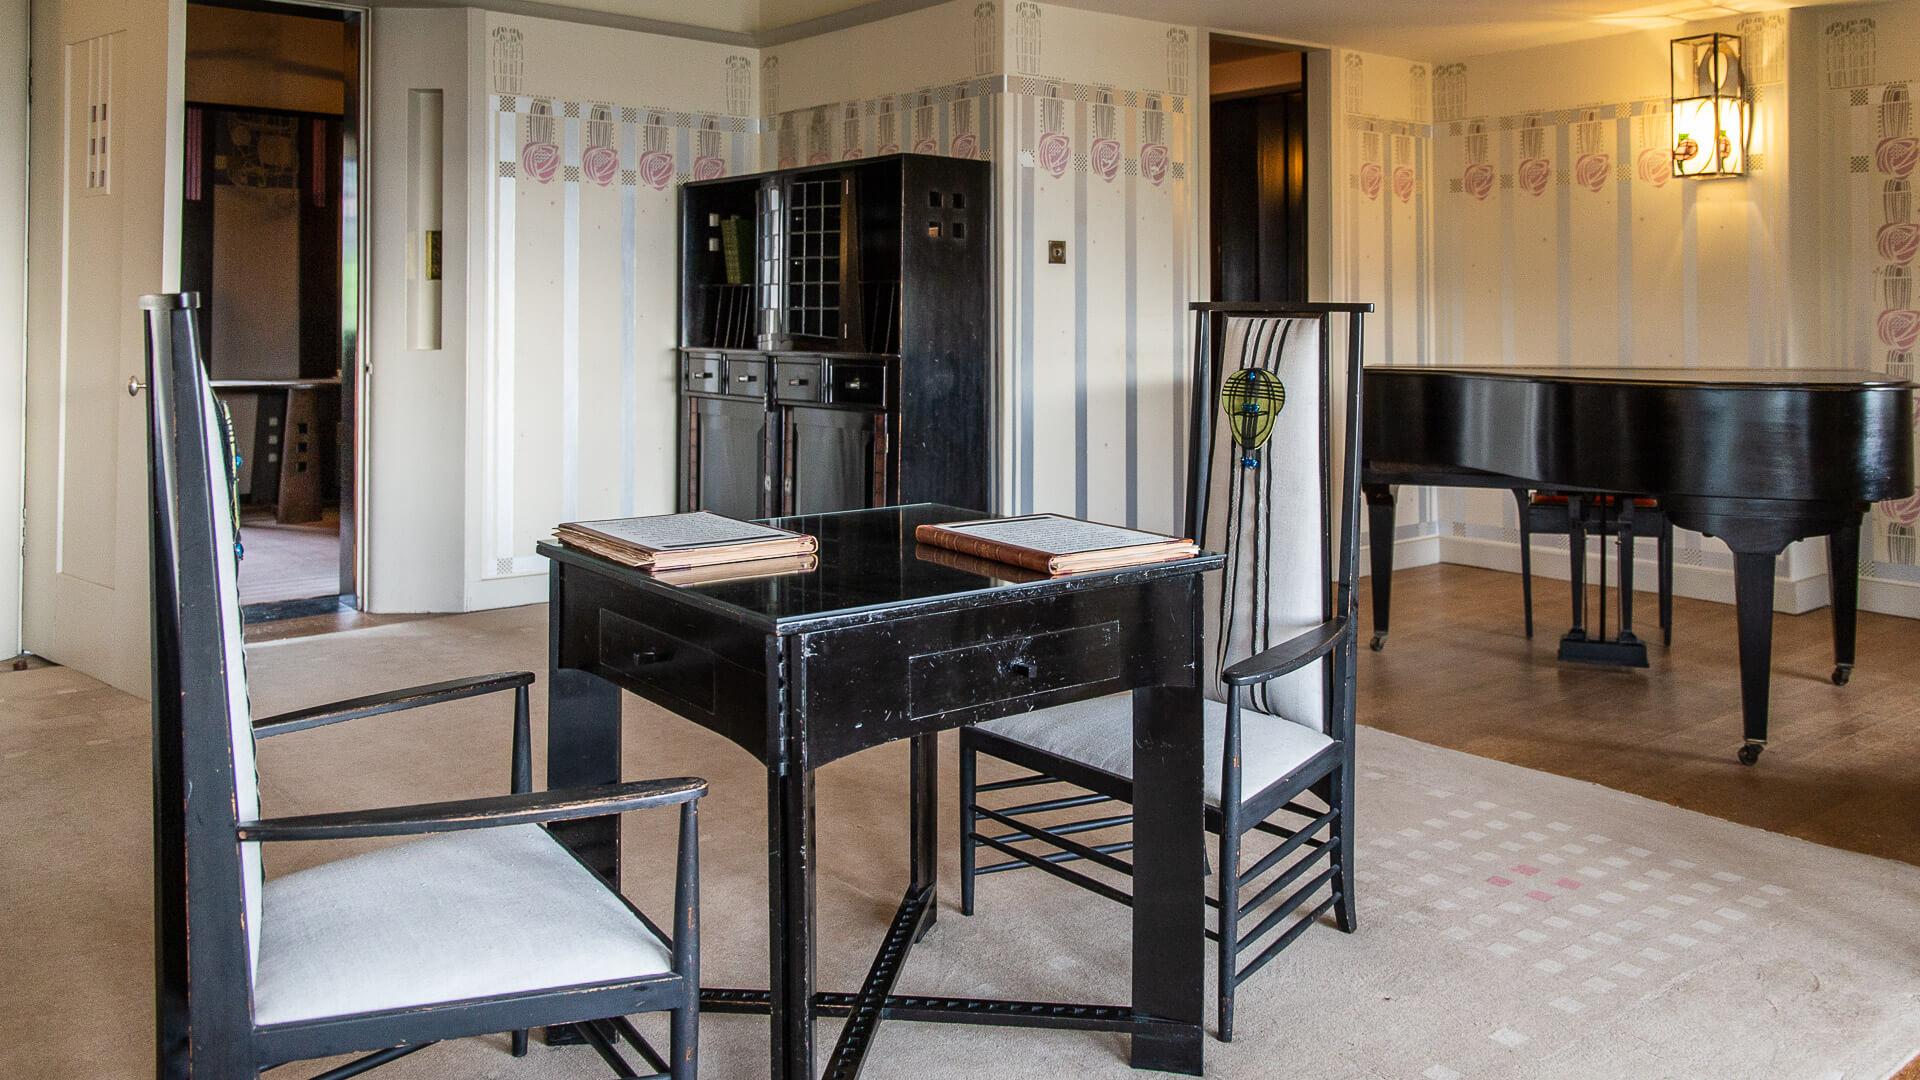 Tische und Stühle im Wohnzimmer